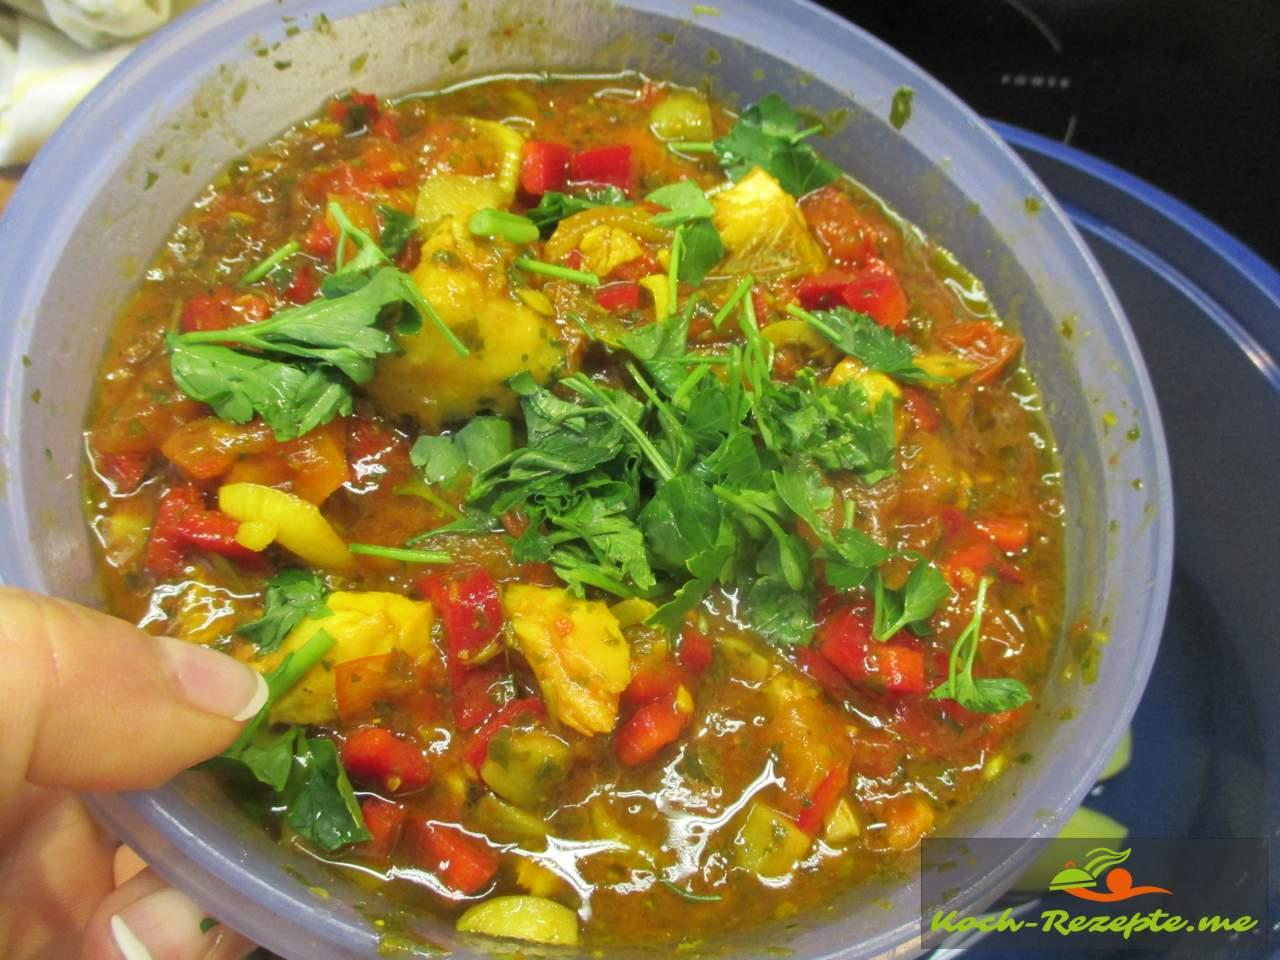 Restsoße Fischtopf  vom Vortag, mit Tomatenstücke, Chilisoße, Grüne Olivenstücke und schwarze Oliven